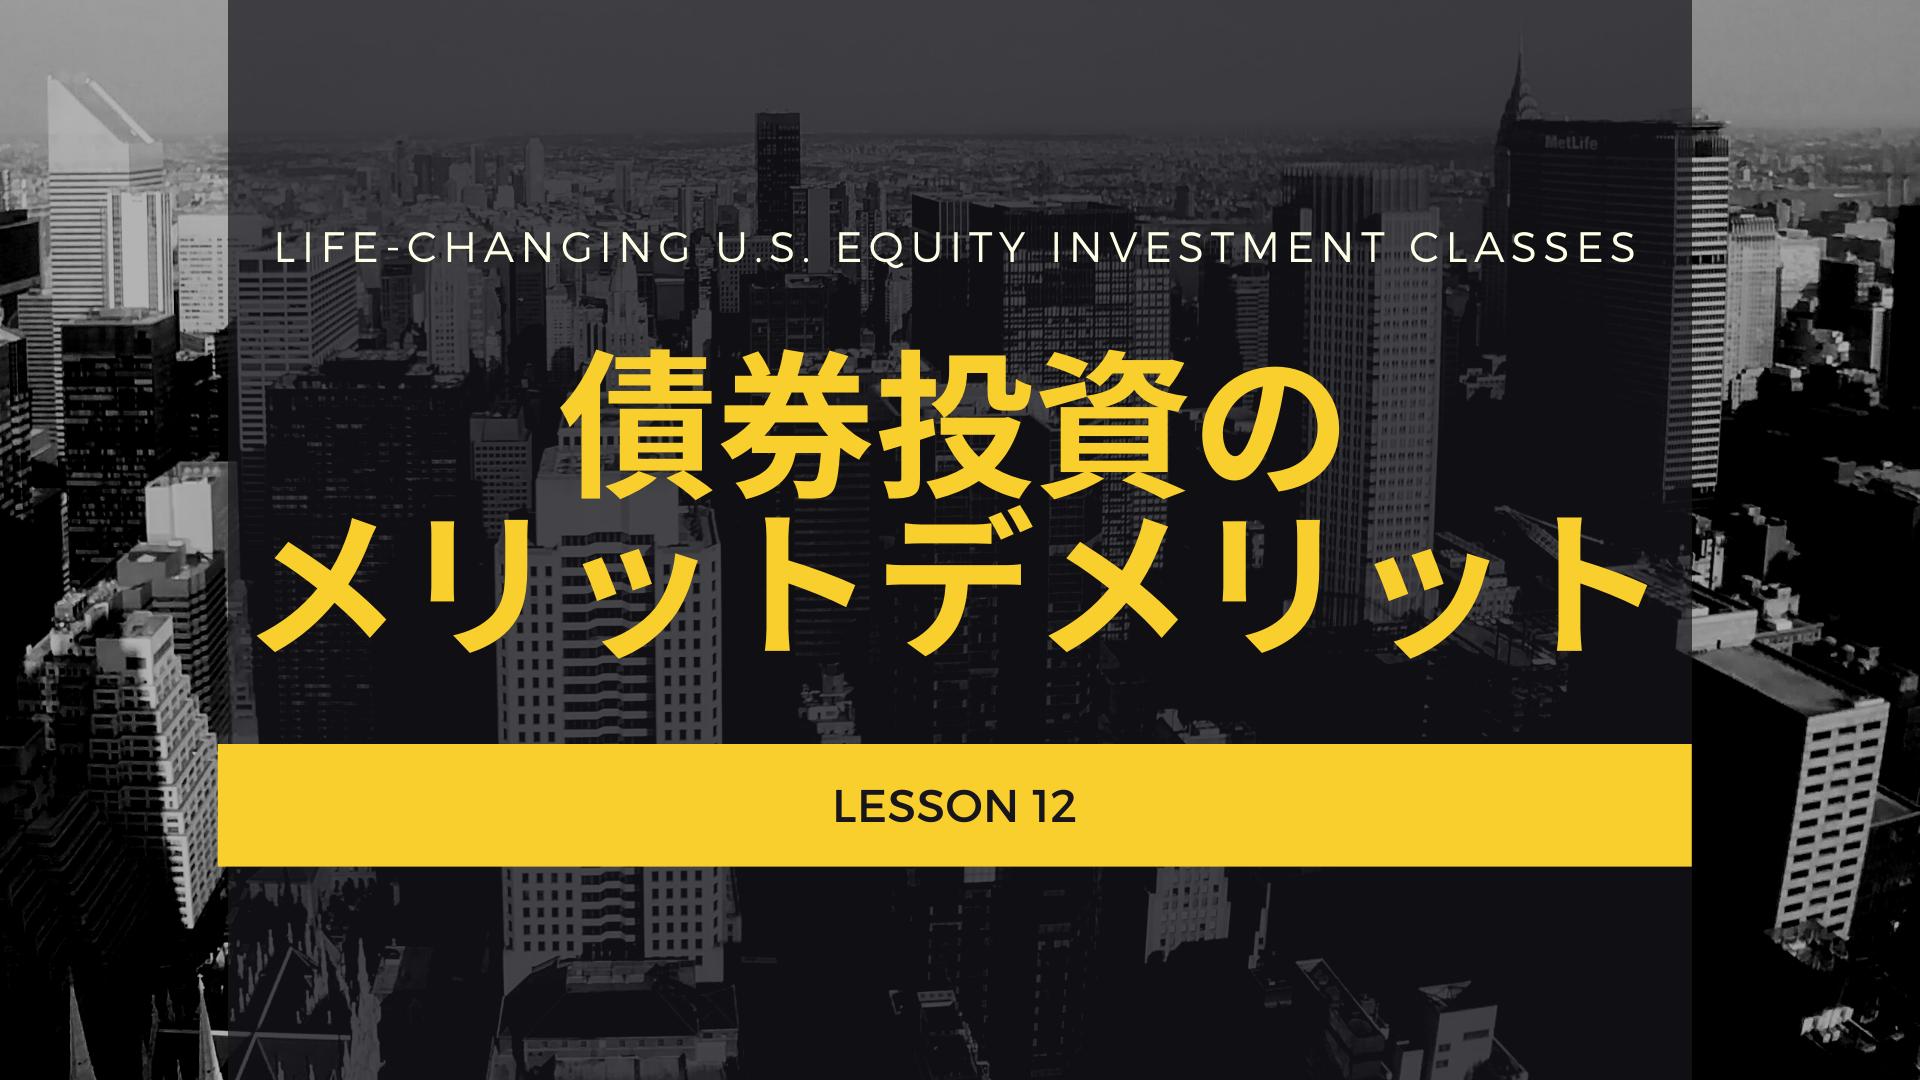 債券投資のメリットデメリット